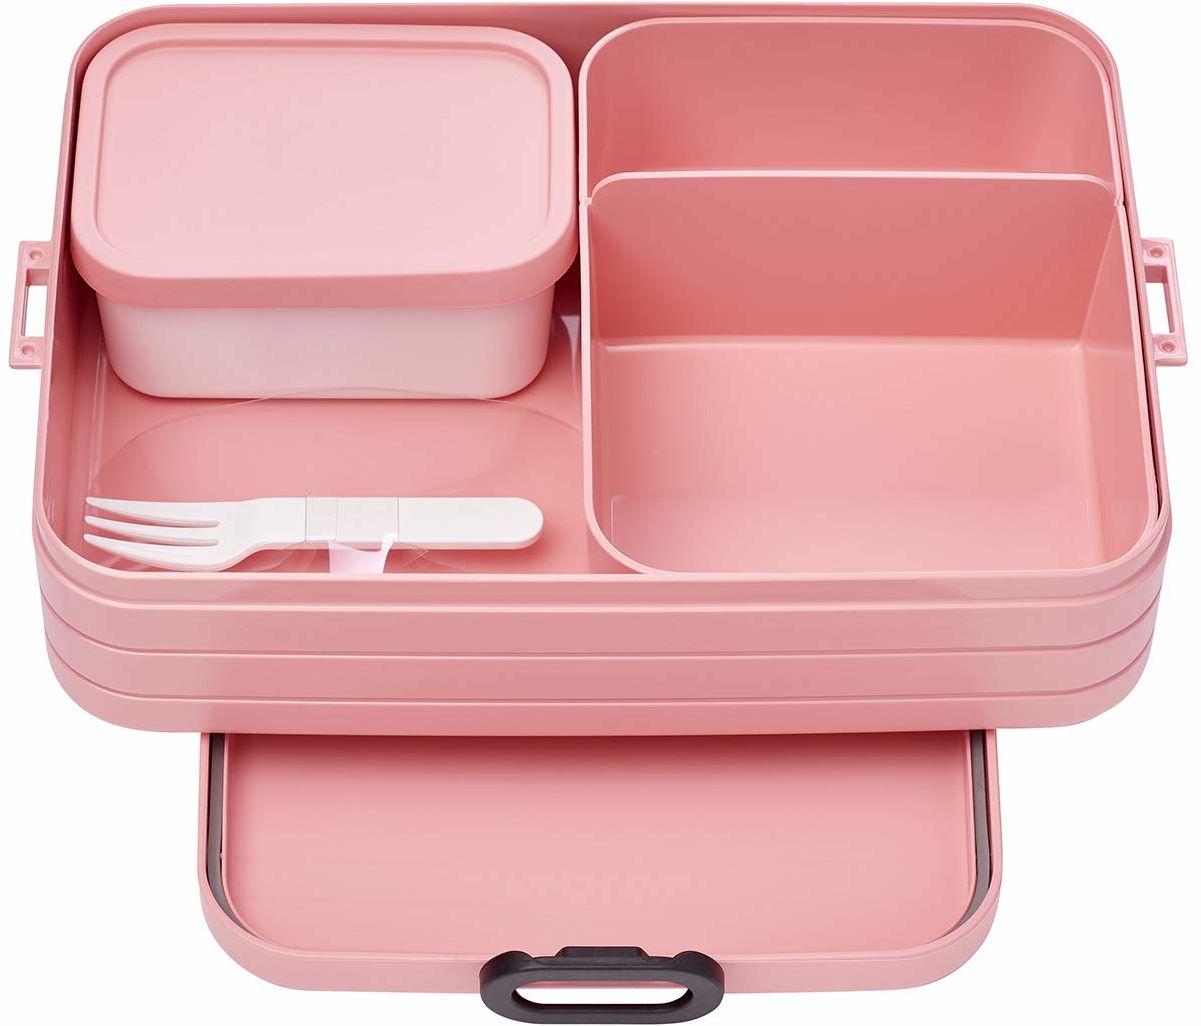 Mepal Bento-Take A Break Nordic Pink Large  pojemnik na kanapki z przegródkami, nadaje się do 8 kanapek, TPE/pp/ABS, różowy, 0 mm